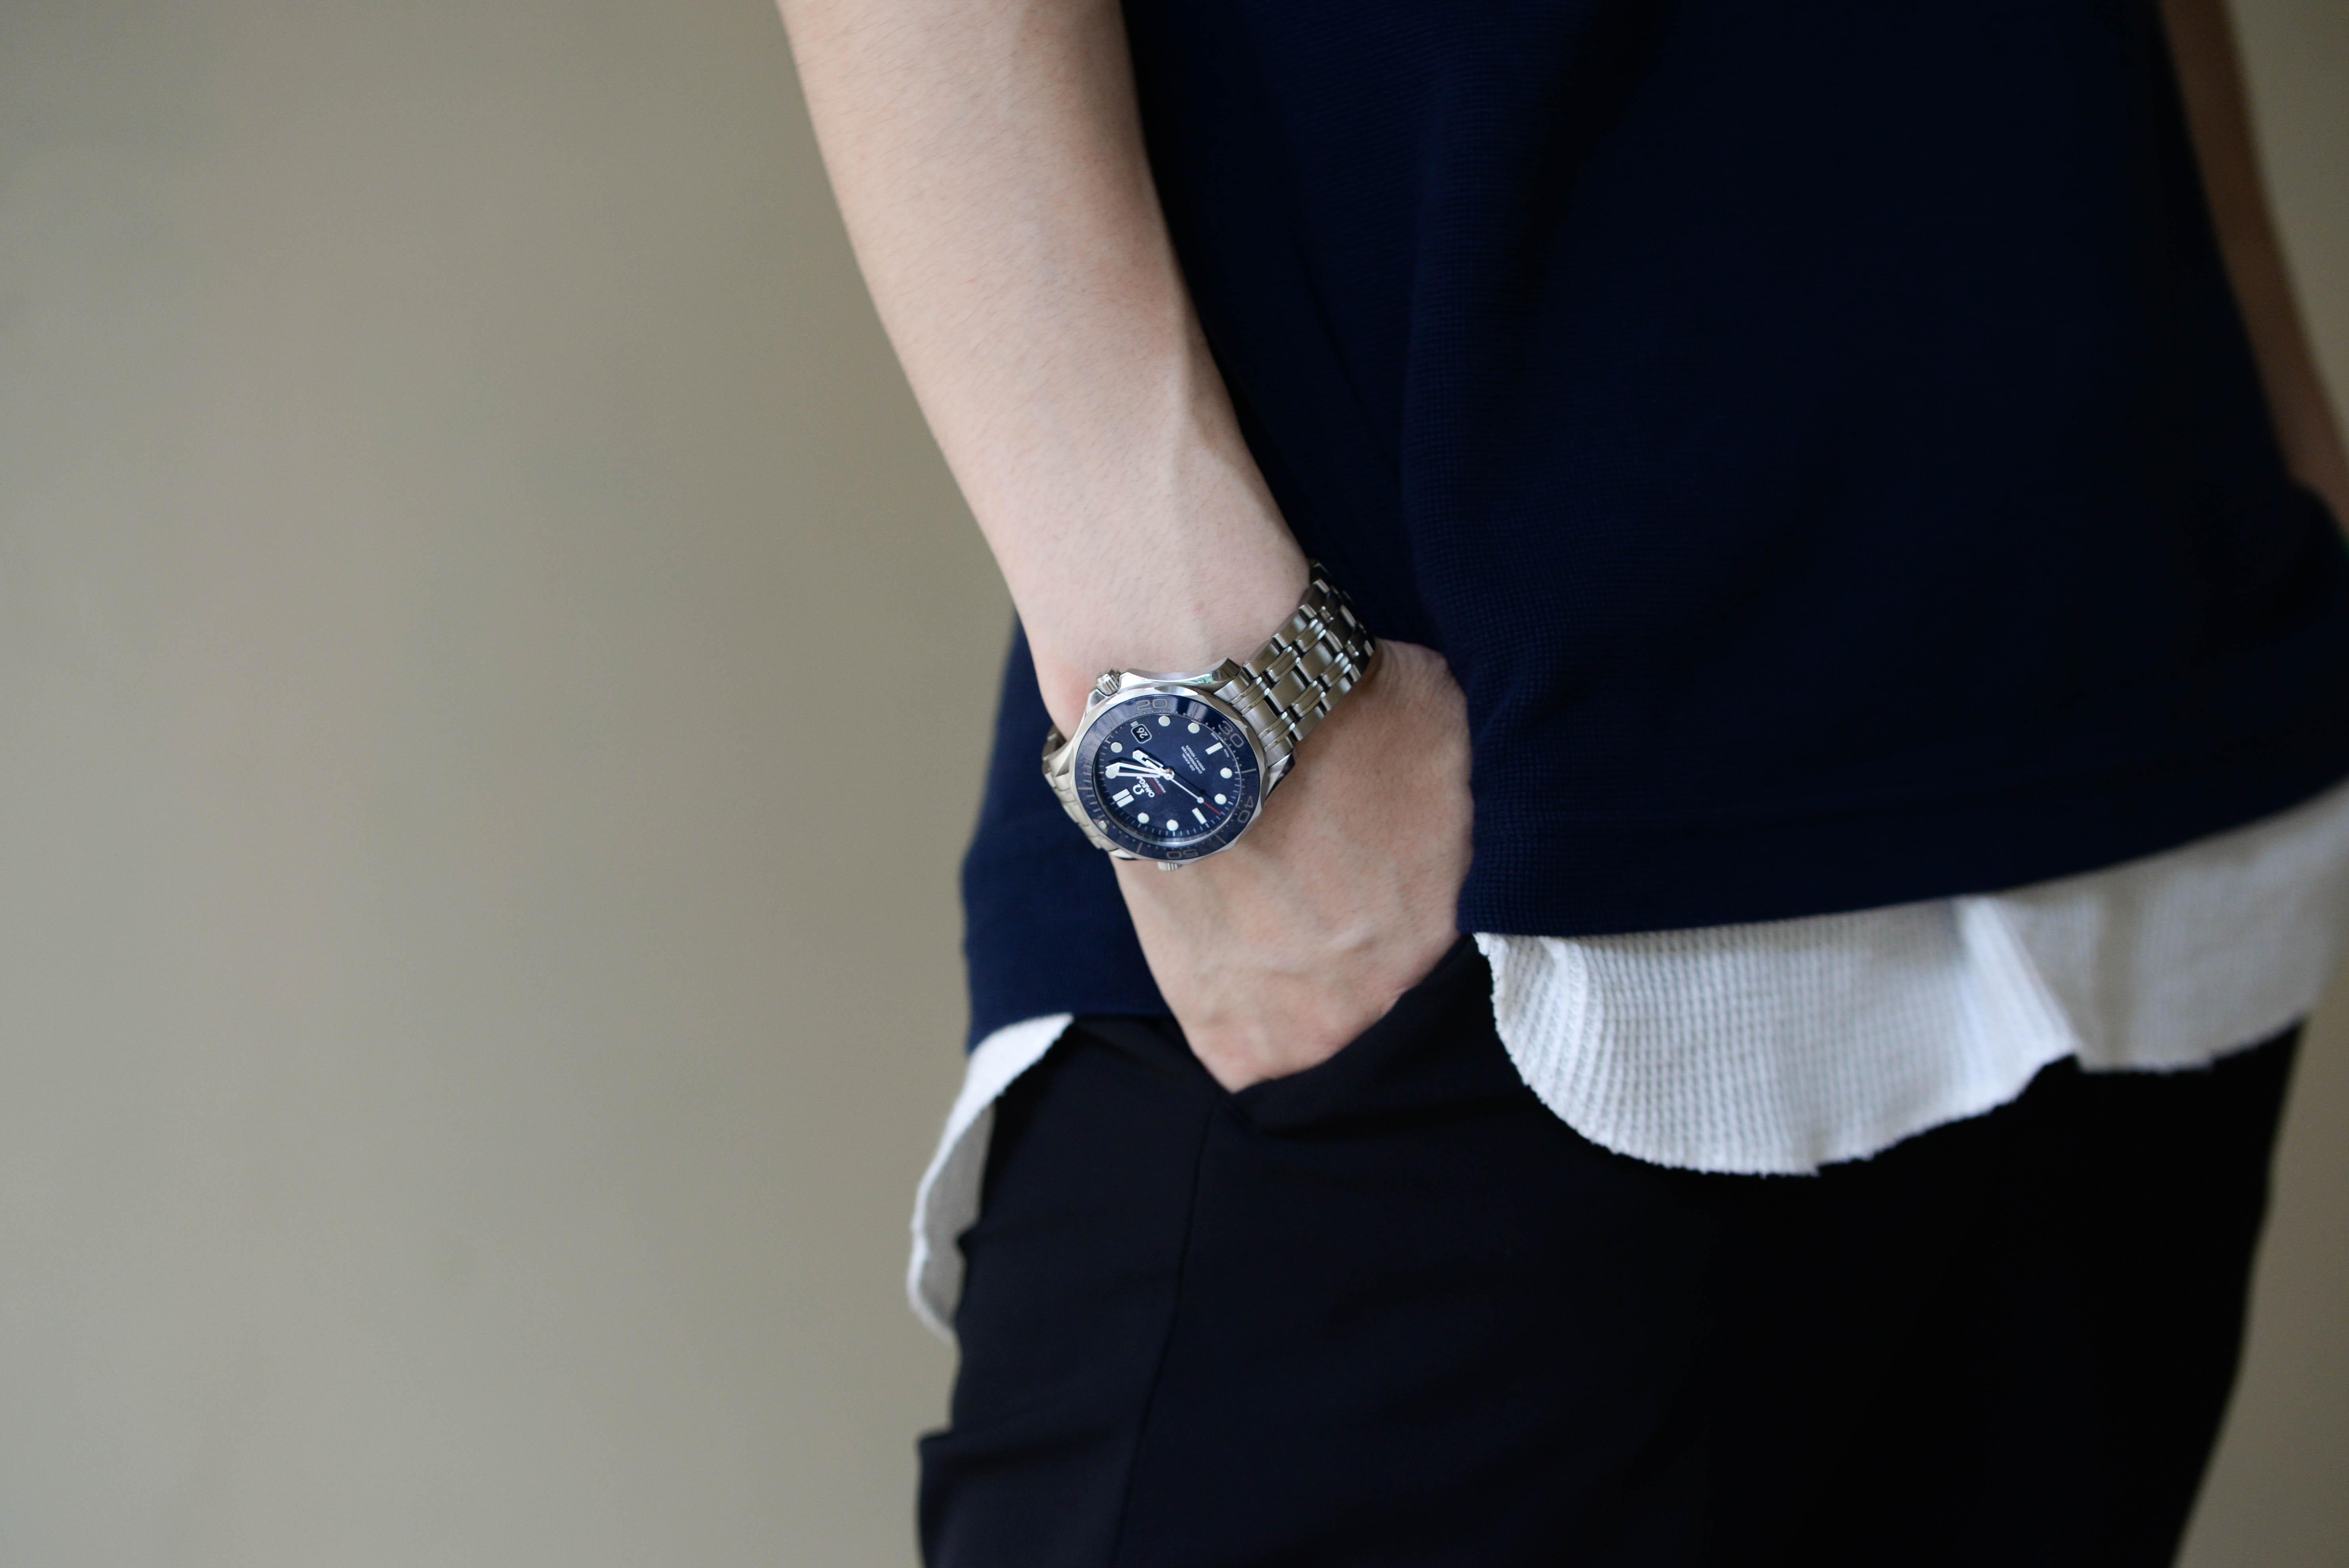 買取業者という仕事柄、腕時計に触れる機会も多い